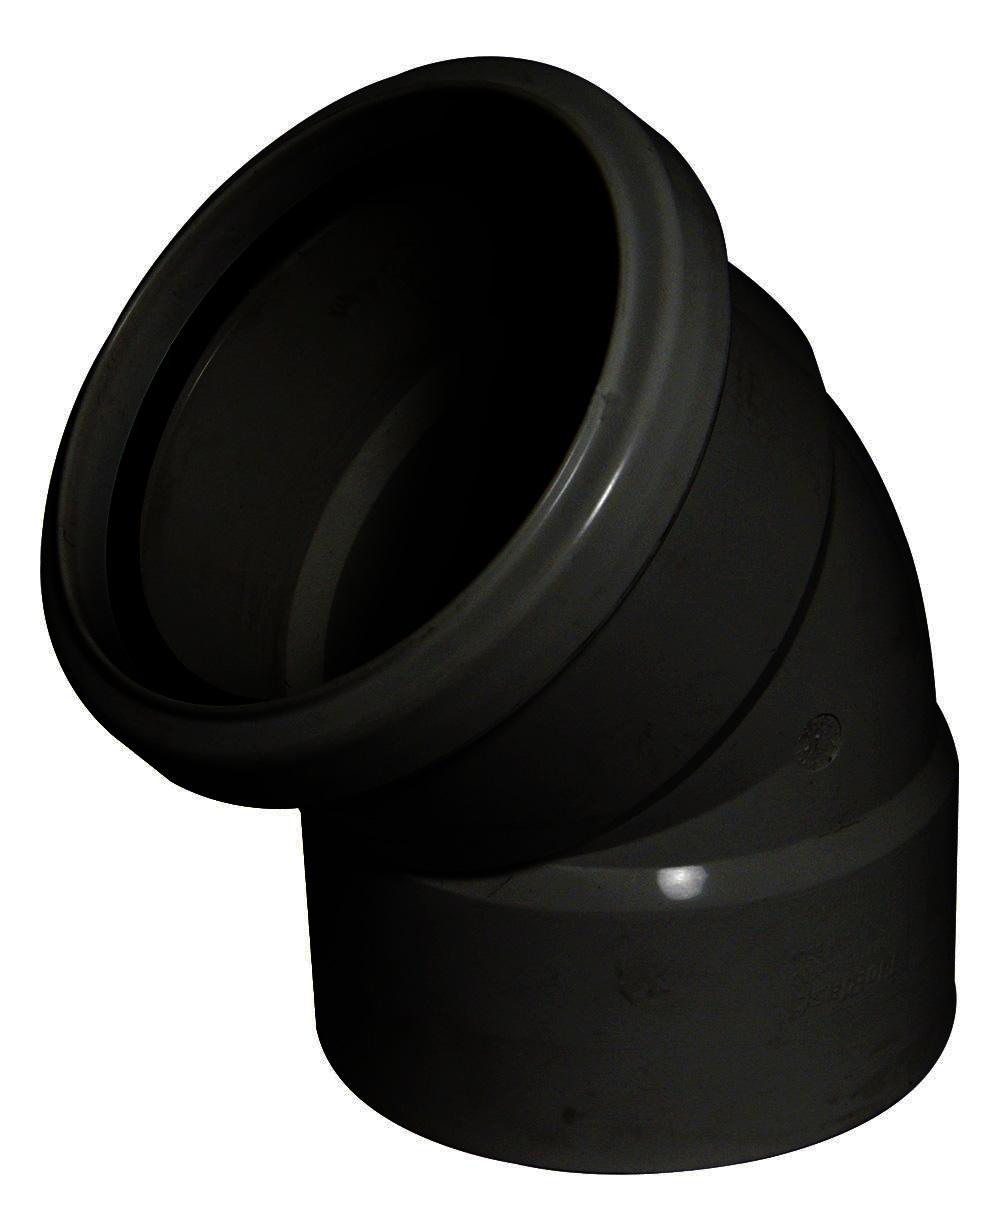 Floplast SP440BL 110mm/4 Inch Ring Seal Soil System - 135 Degree Offset Bend Double Socket - Black